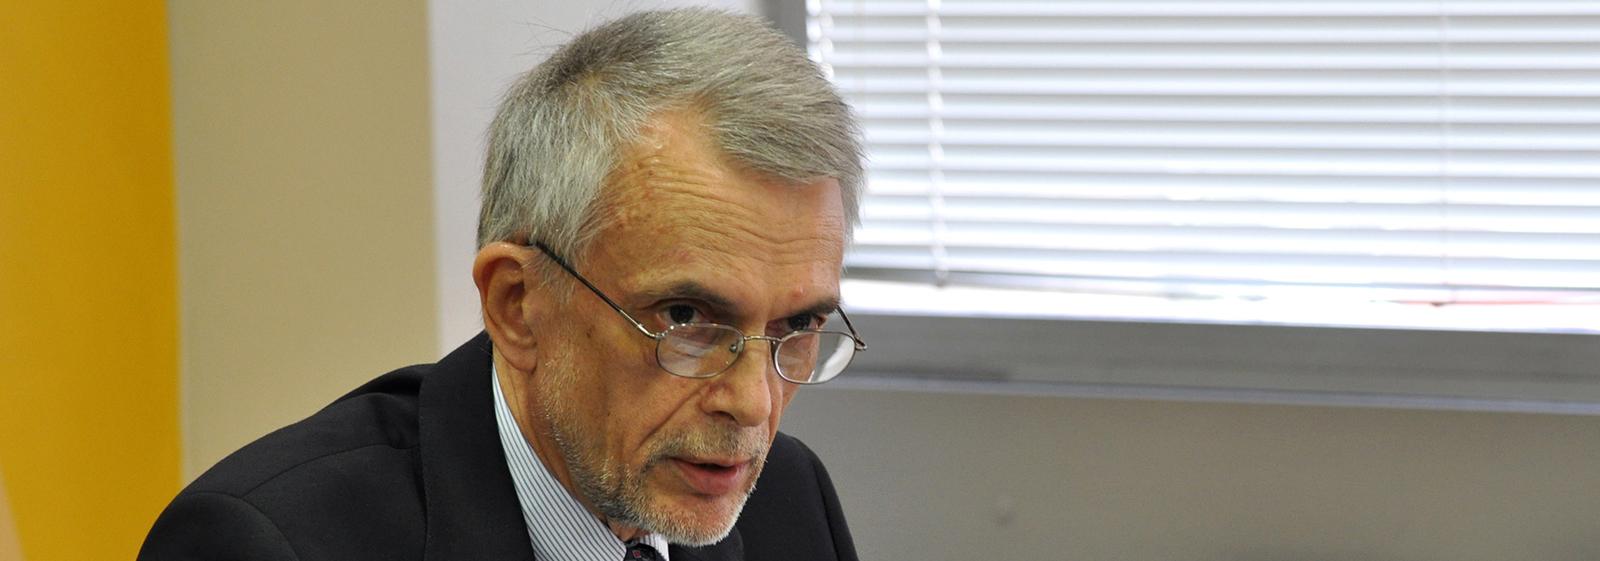 Saopštenje za javnost povodom poništaja doktorata Slobodana Beljanskog